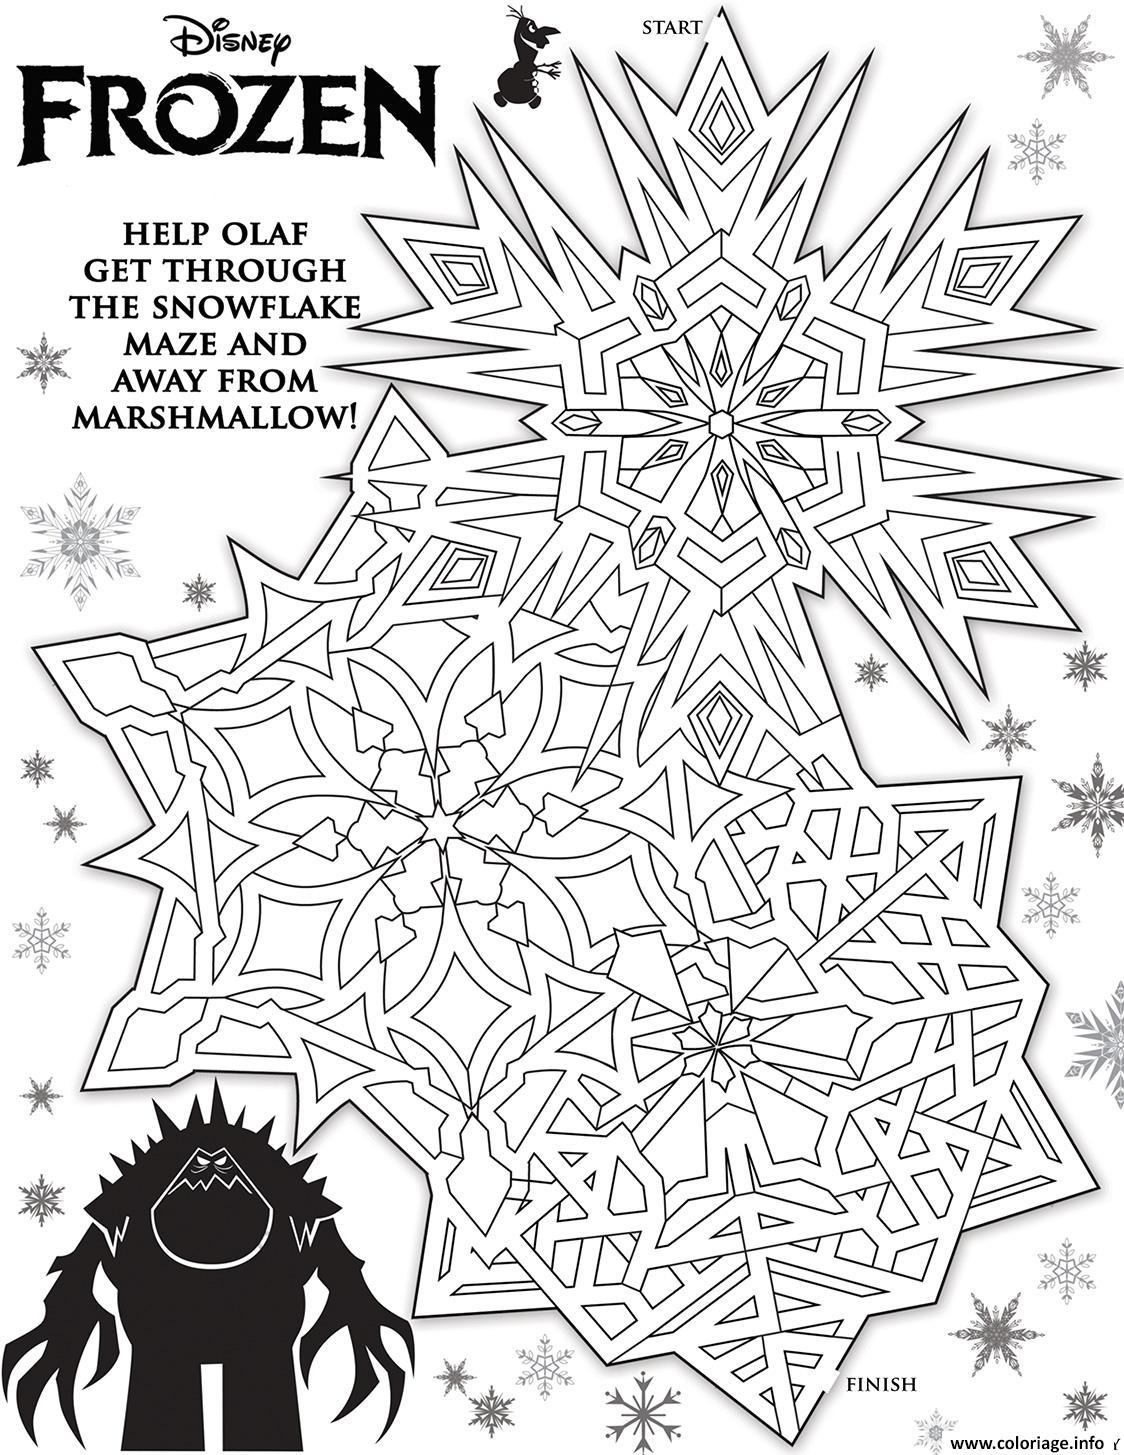 Dessin olaf labyrinthe reine des neiges Coloriage Gratuit à Imprimer